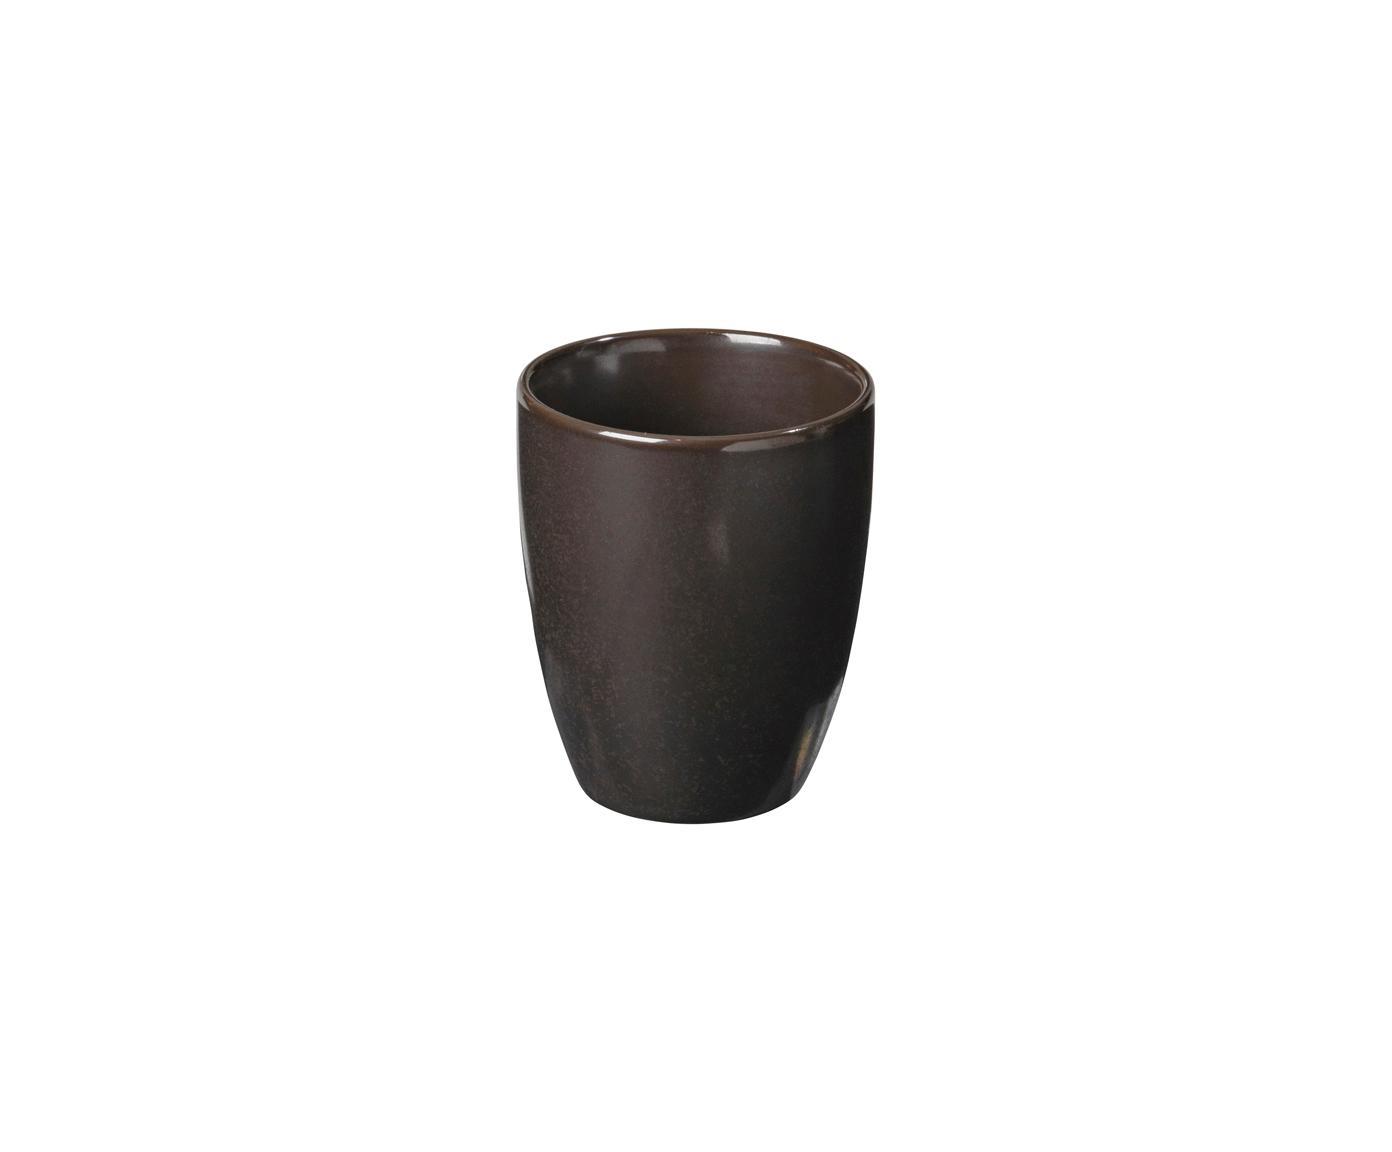 Tazas de café artesanales Esrum Night, 4uds., Gres, esmaltado, Marrón grisáceo, Ø 7 x Al 8 cm